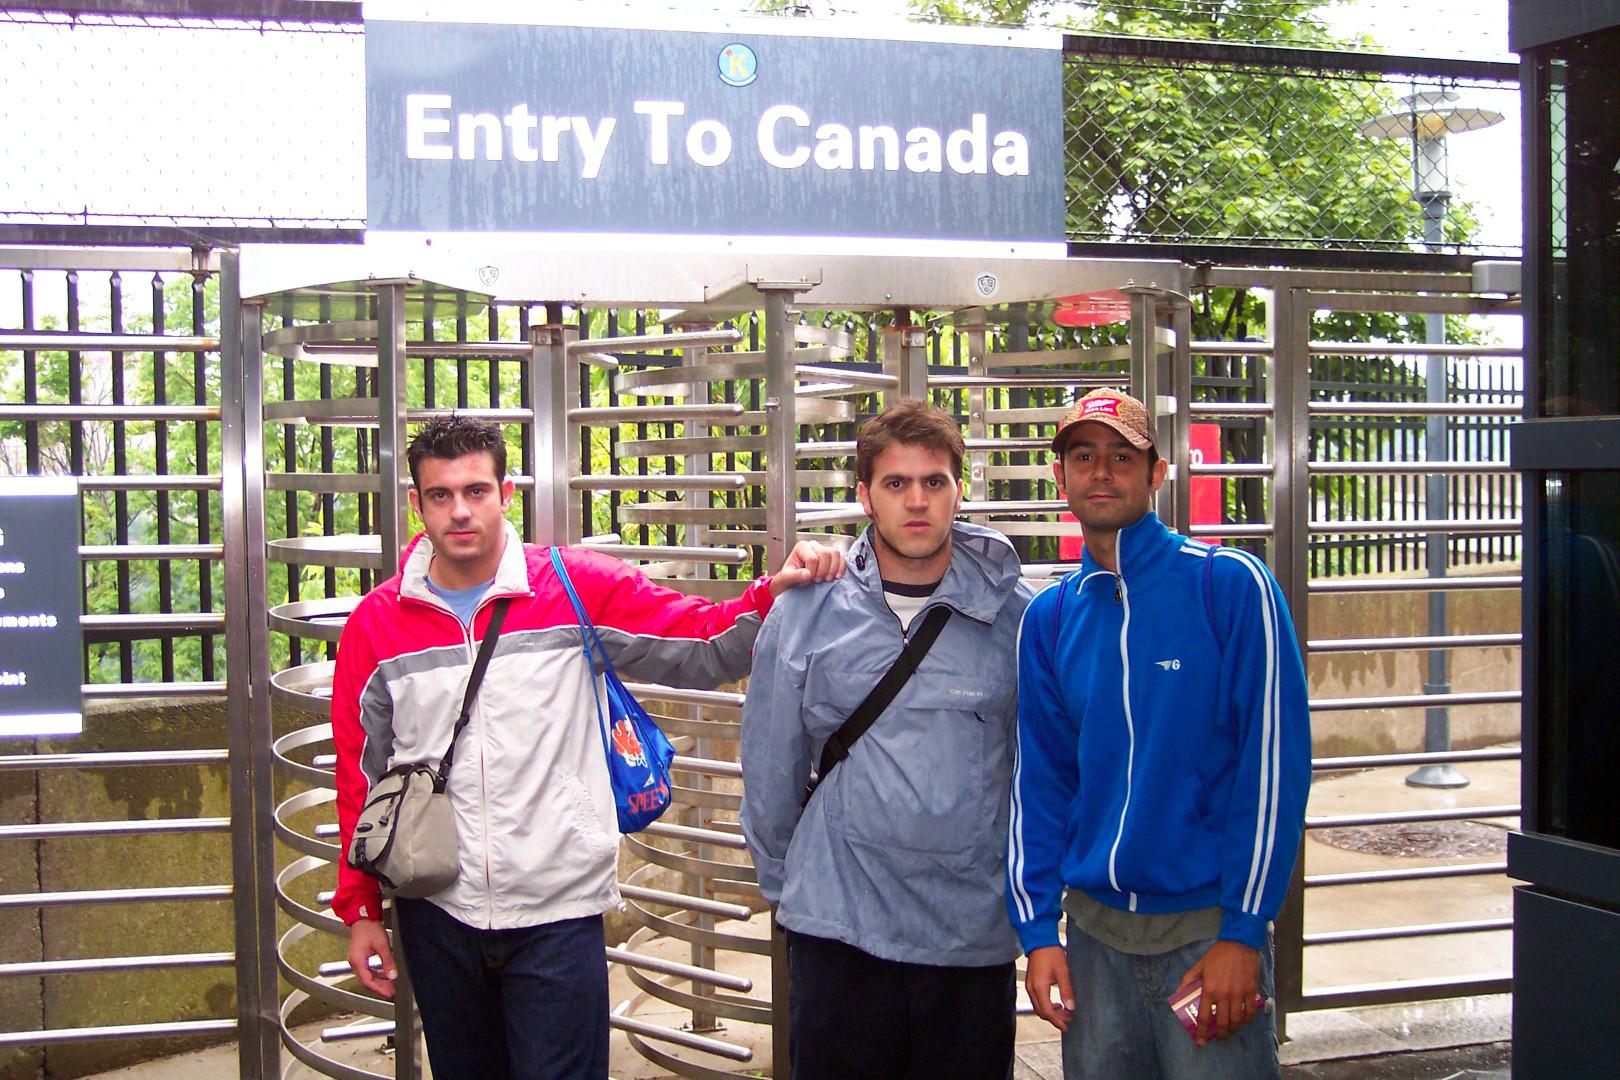 Guía de viajes a Canada, Visa a Canadá, Visado a Canadá canadá - 31511738524 8f54d90333 o - Guía de viajes y visa para Canadá